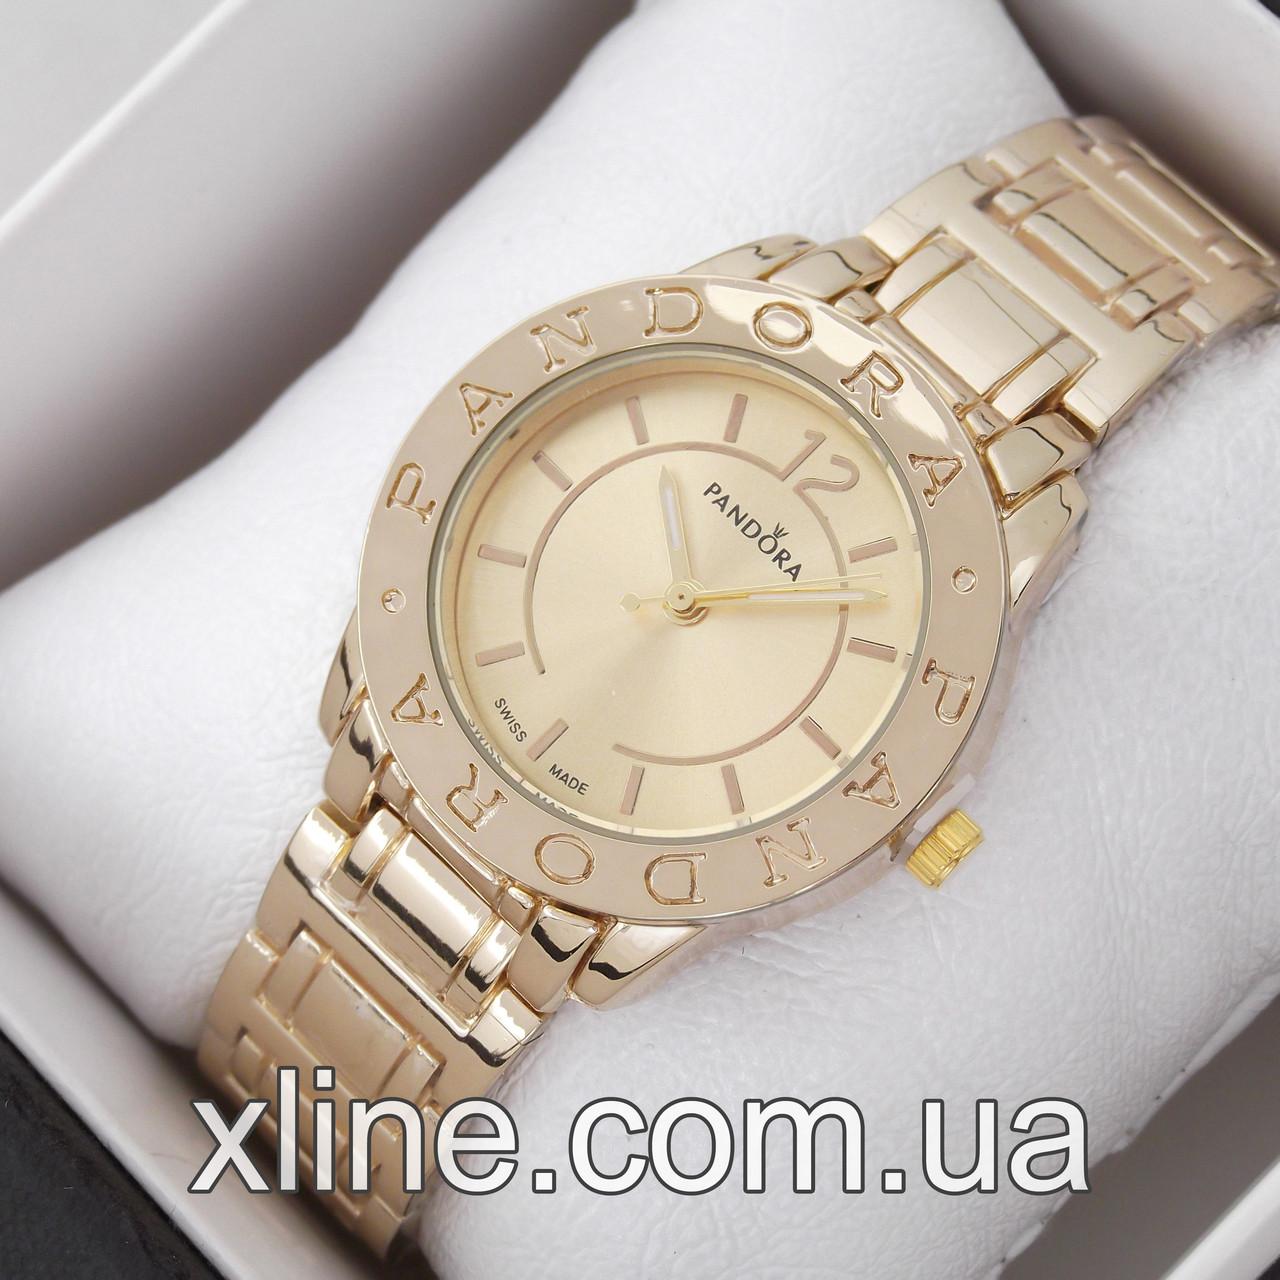 Жіночі наручні годинники Pandora M214 на металевому браслеті